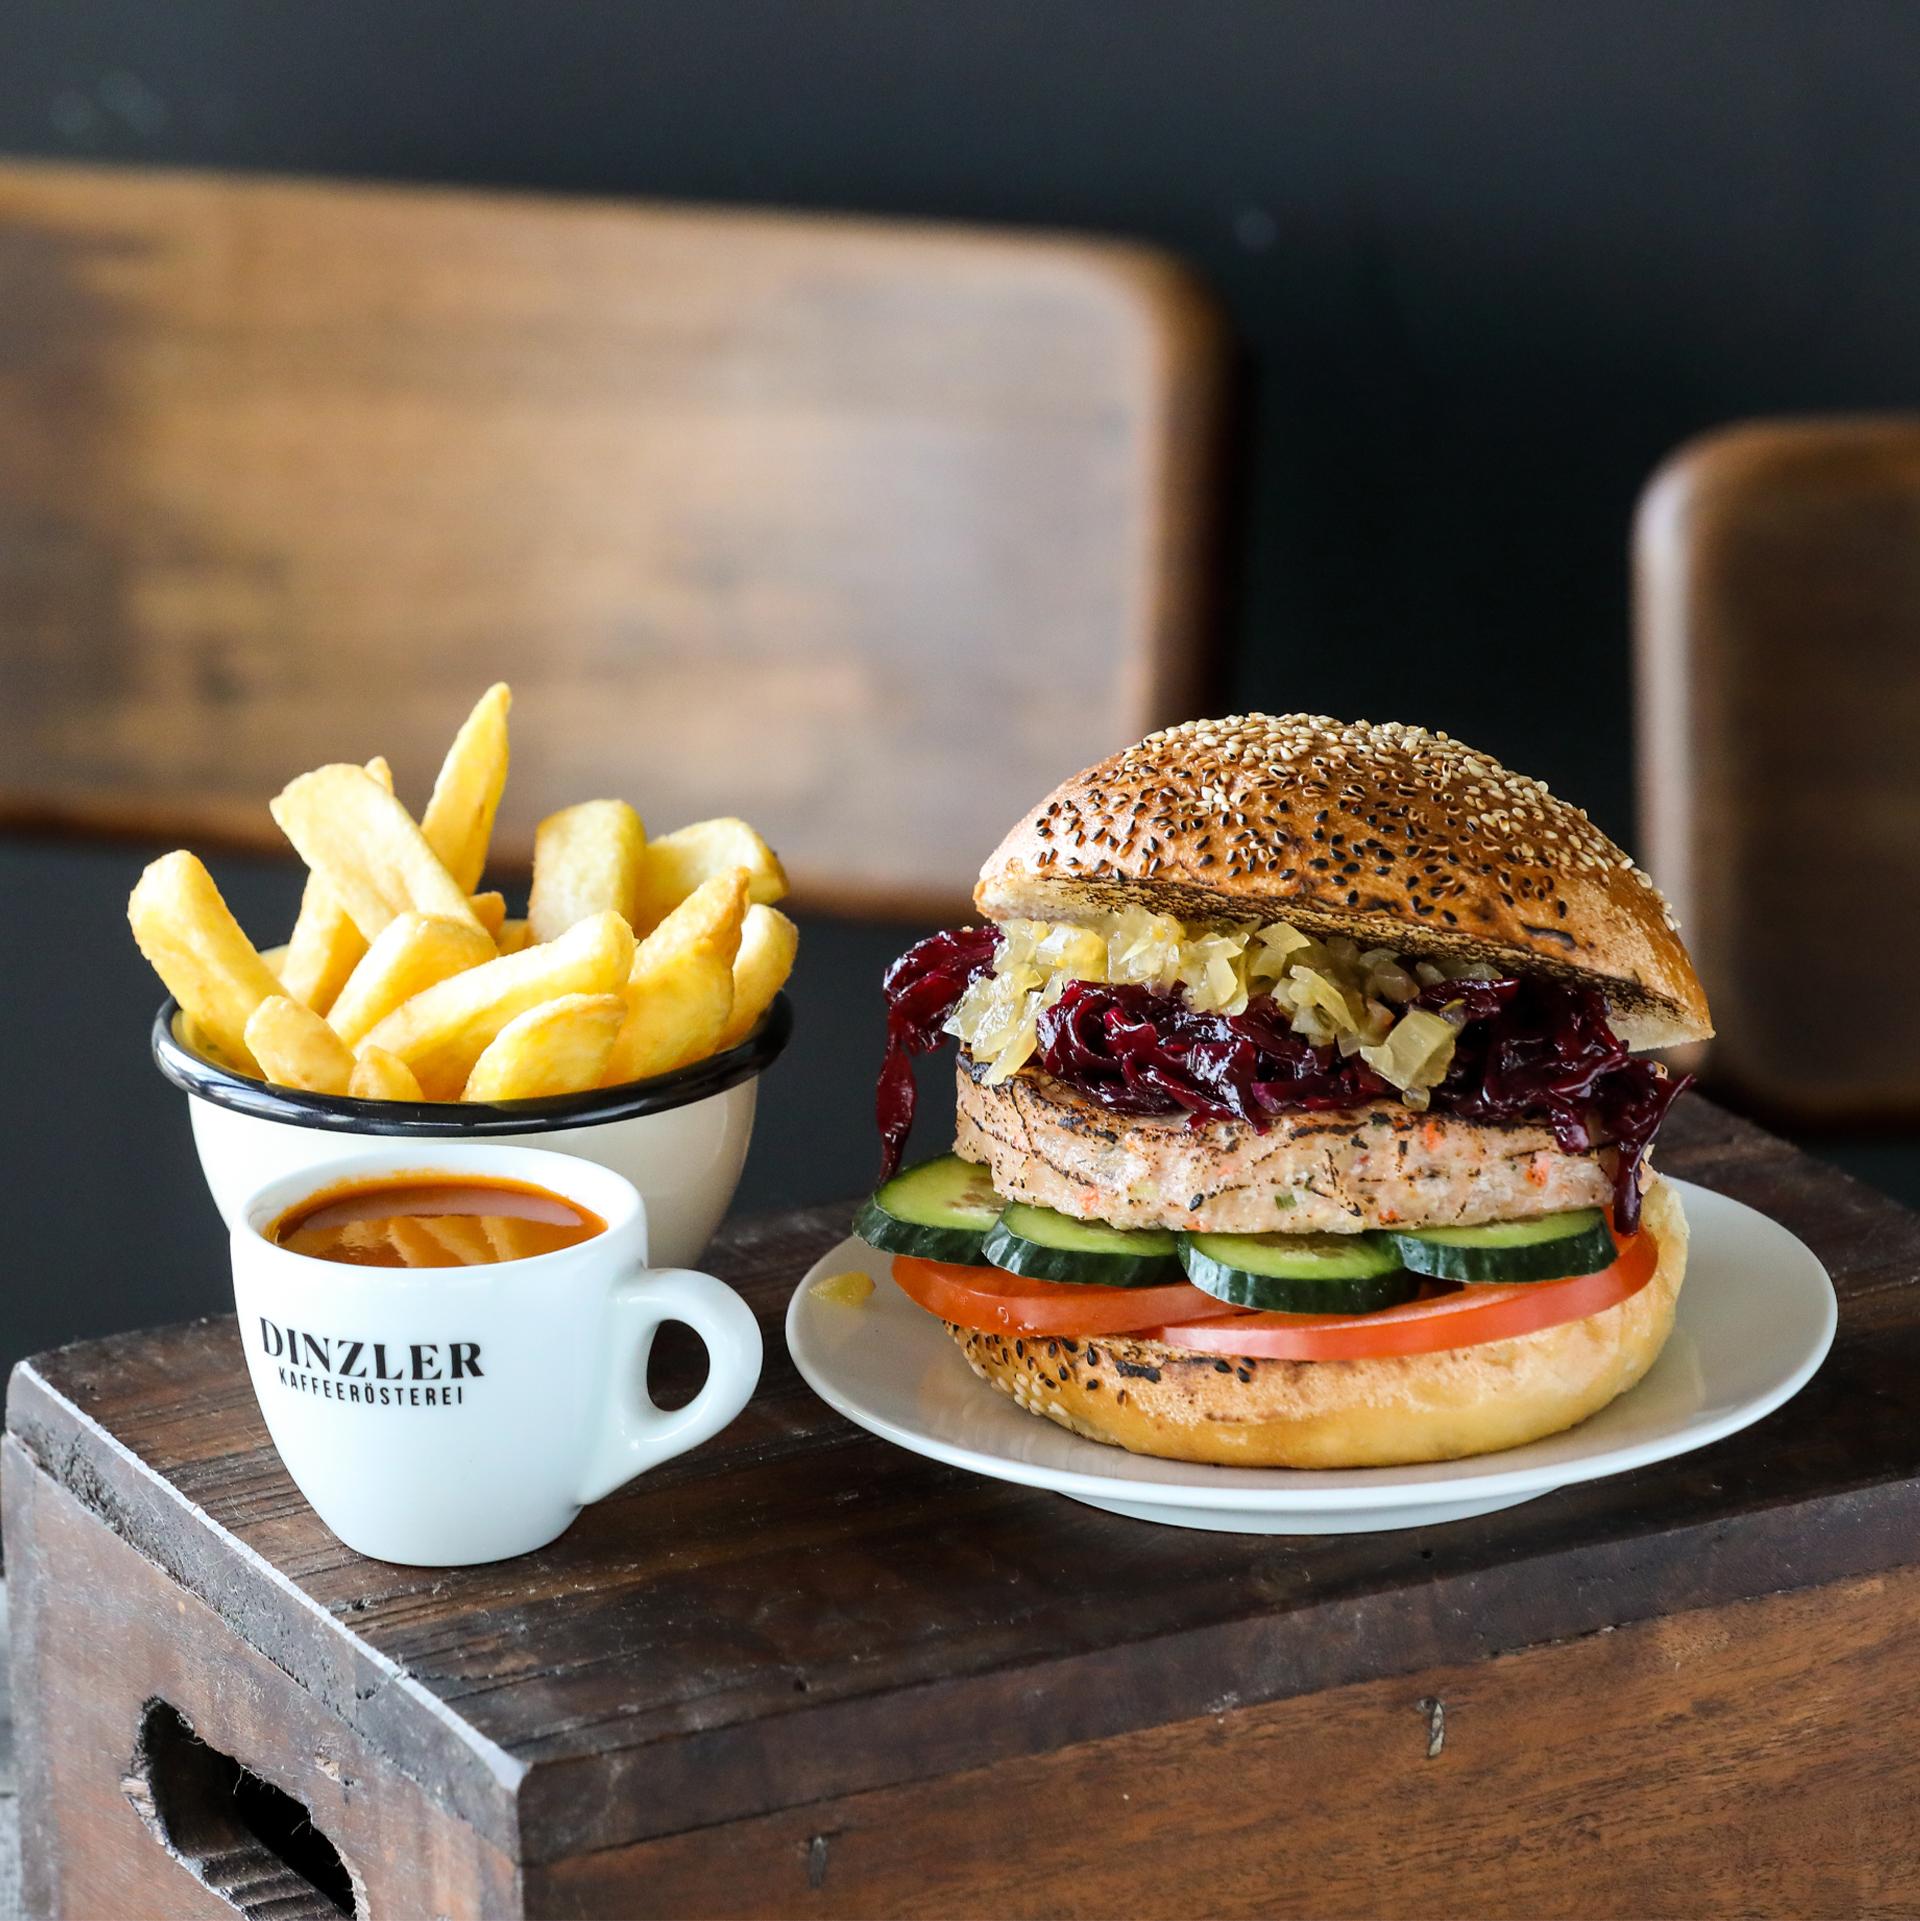 Produktbild DINZLER Halligalli Box Burger mit Fisch (für 1 Person)| DINZLER Kaffeerösterei